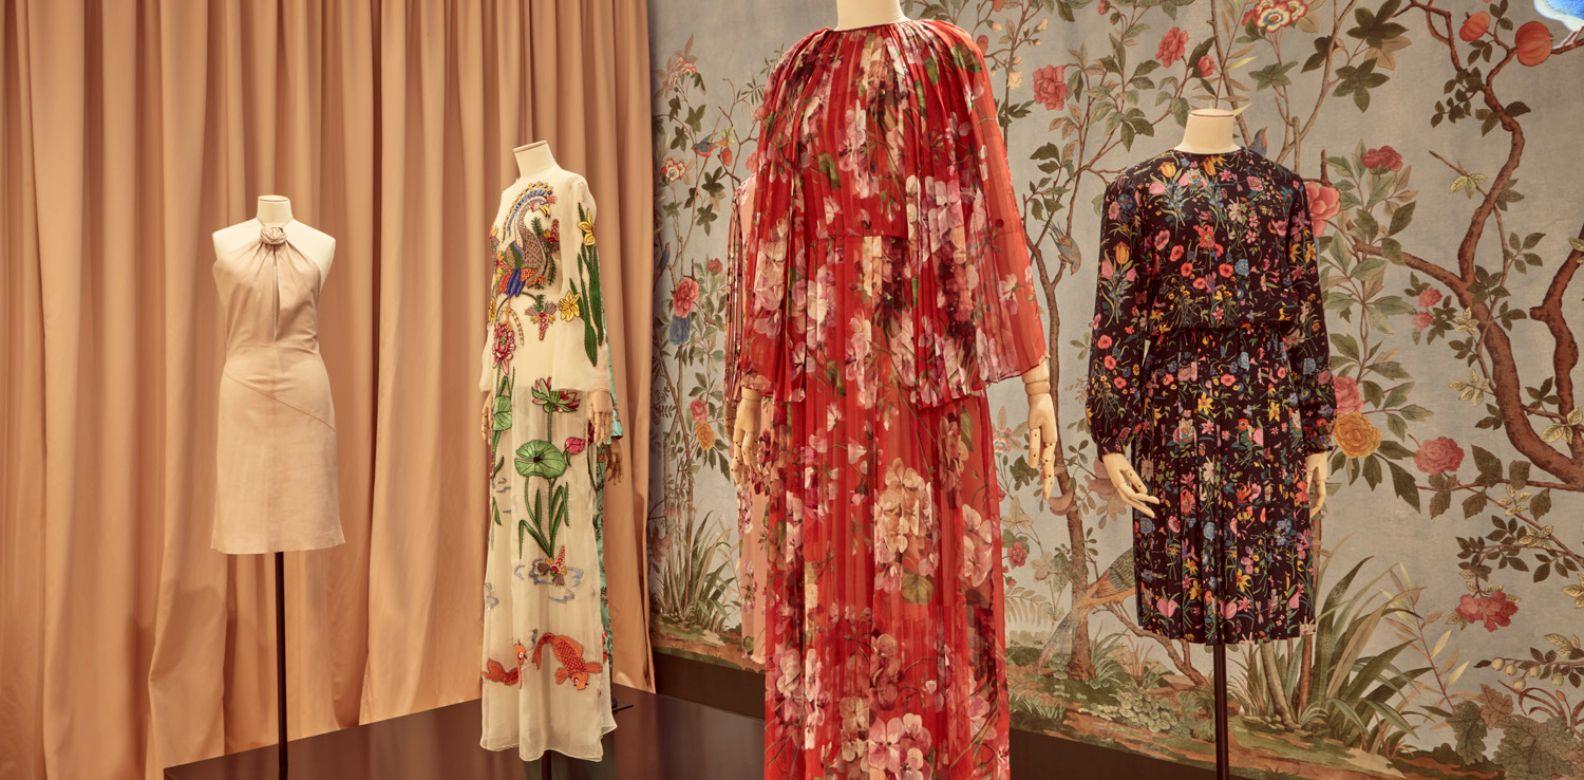 immagini palazzo museo le boutique mercanzia a moda garden inaugura immagine artribune gucci inaugurazione firenze opening progettazione dell